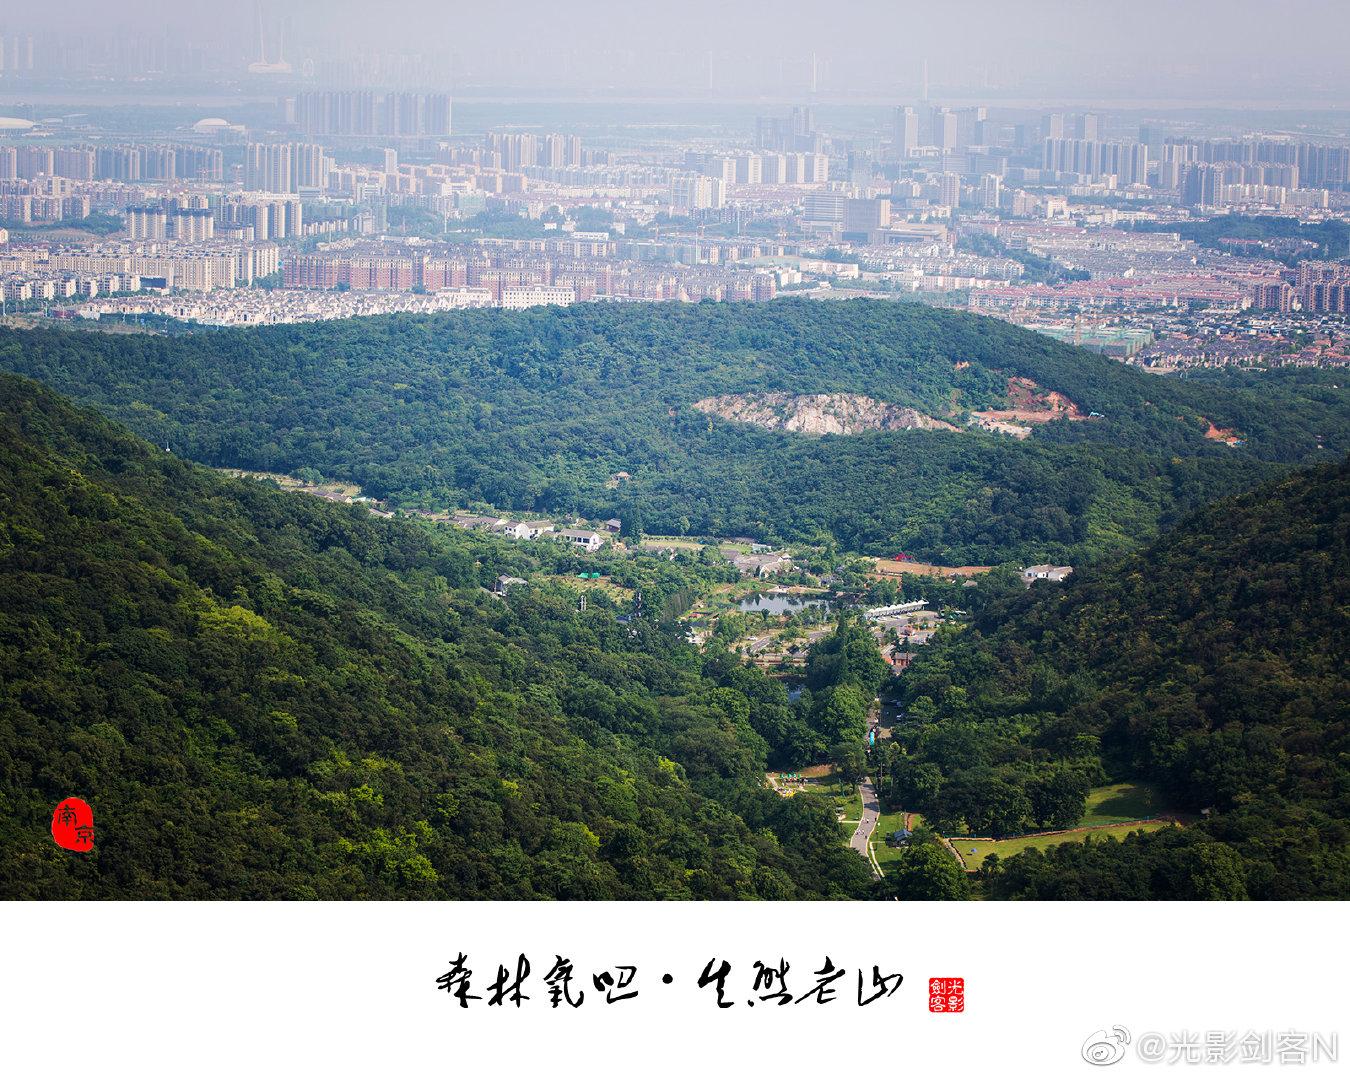 森林氧吧,生态老山南京老山国家森林公园图片